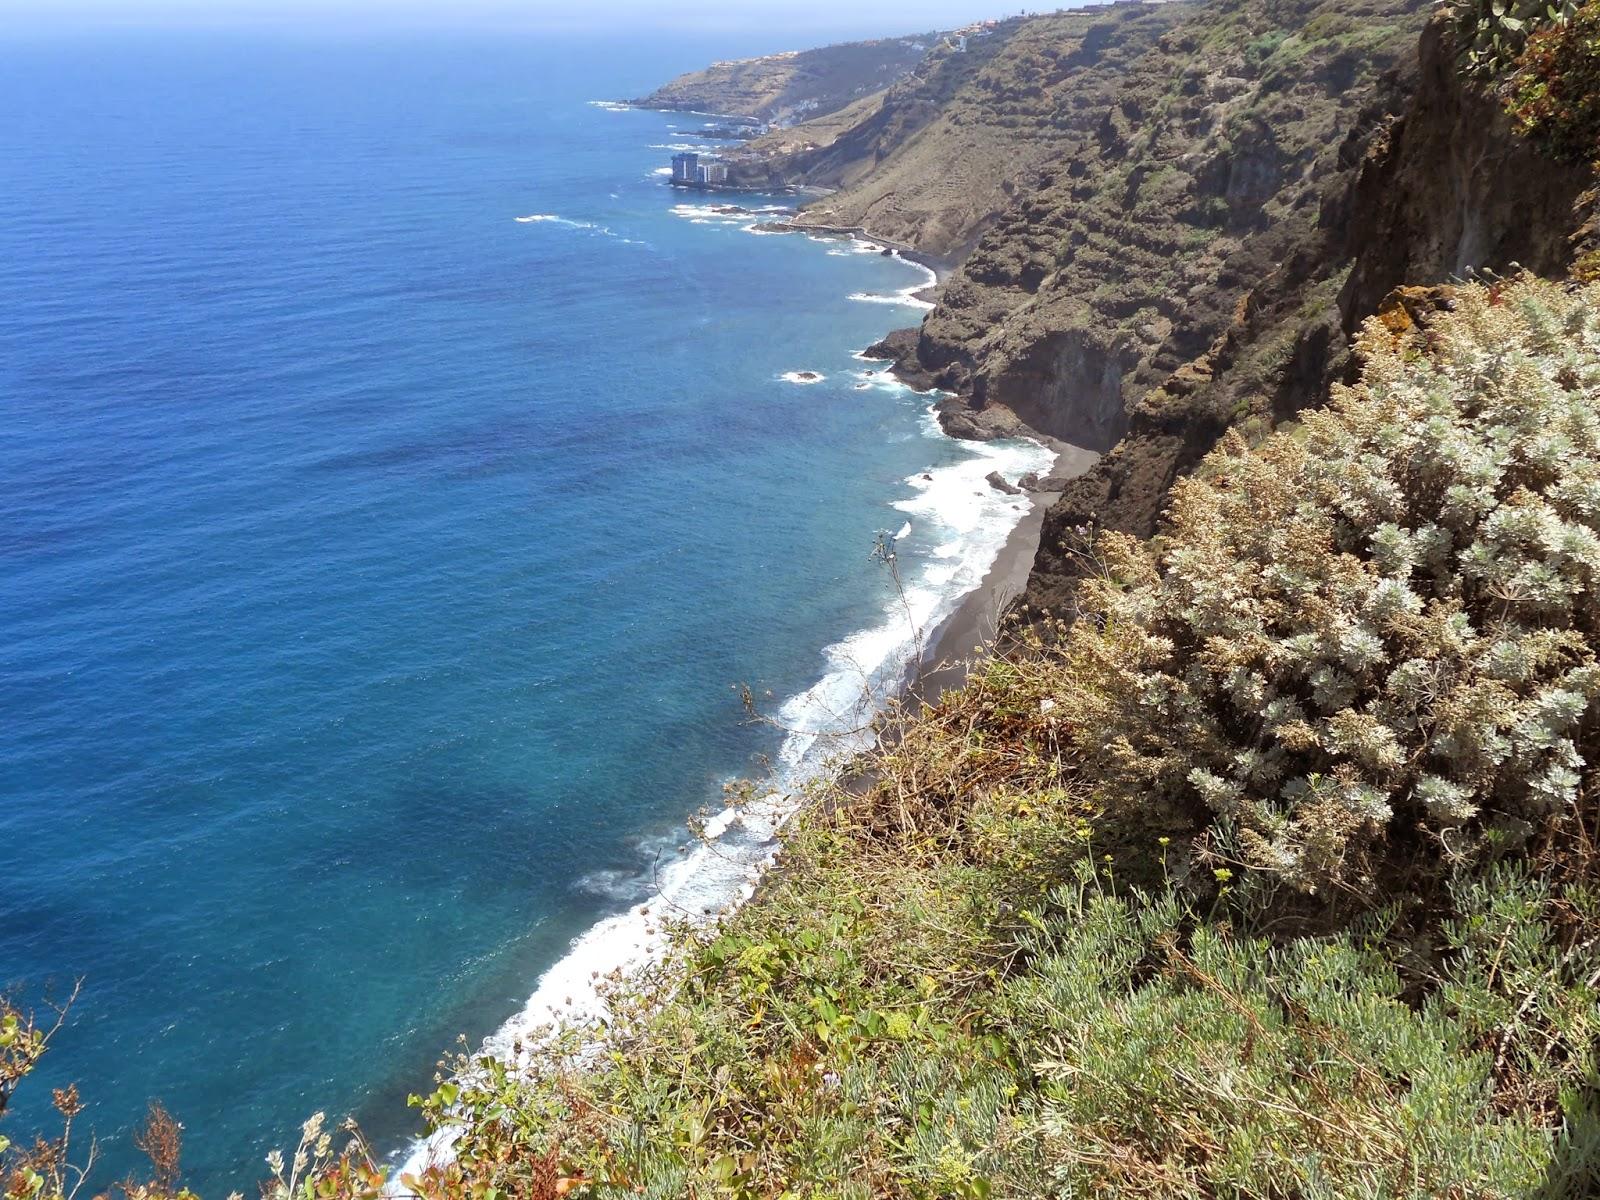 Playa La Garañona / Bahía de la Garañona